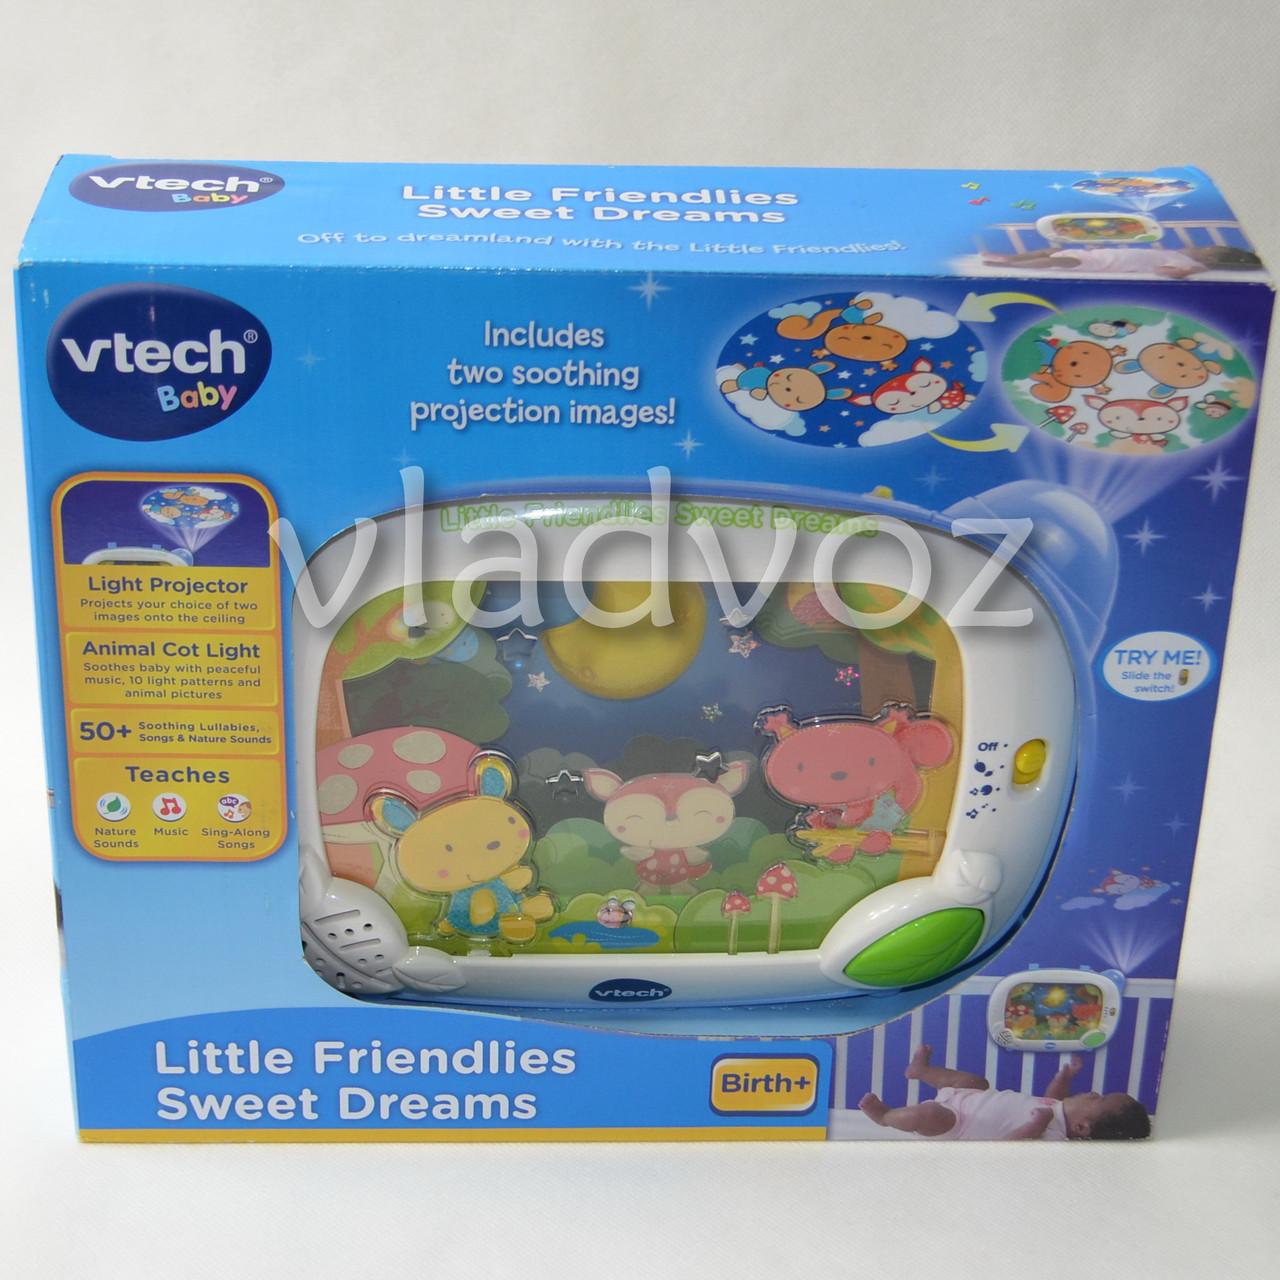 Детский ночник цветной проектор на кроватку VTech - интернет магазин vladvoz.in.ua мтс 0664476900, киевстар 0977864700, лайф 0933641800 в Николаевской области